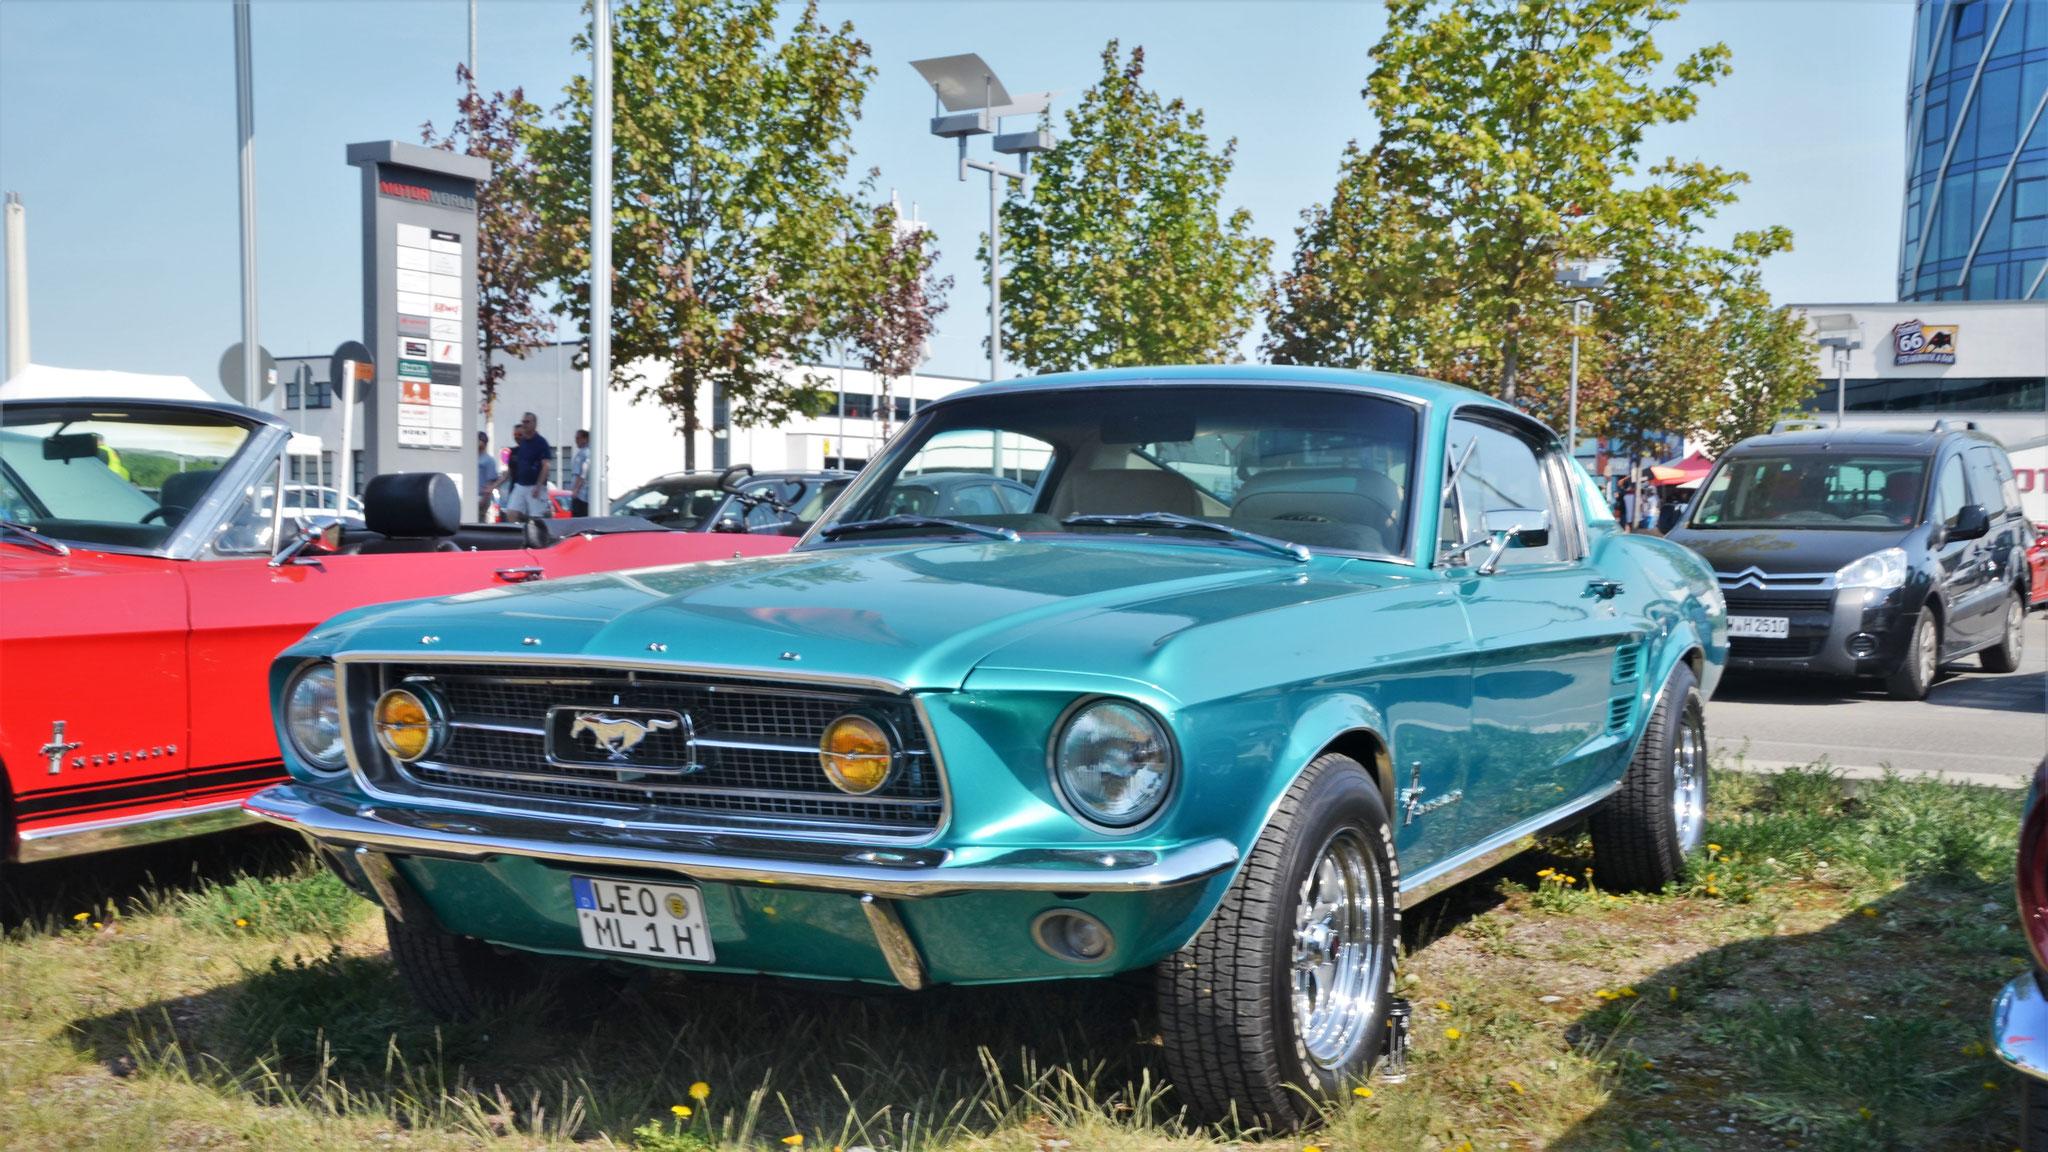 Mustang I - LEO.ML-1H